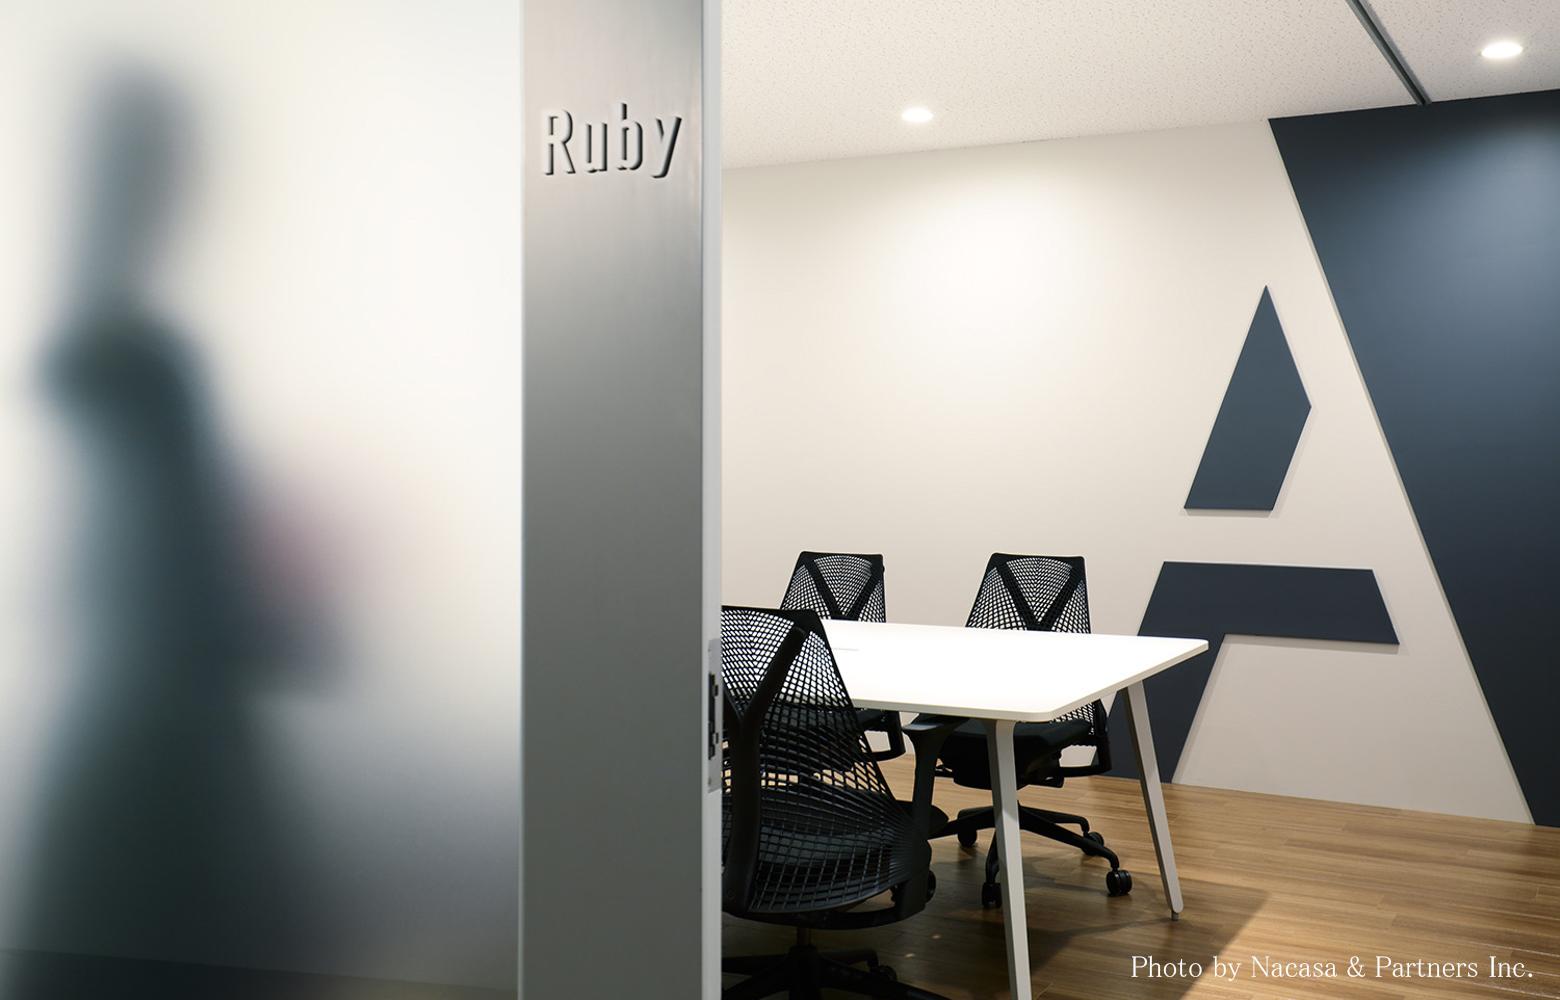 アライドアーキテクツ株式会社 vol.2 Meeting Room デザイン・レイアウト事例